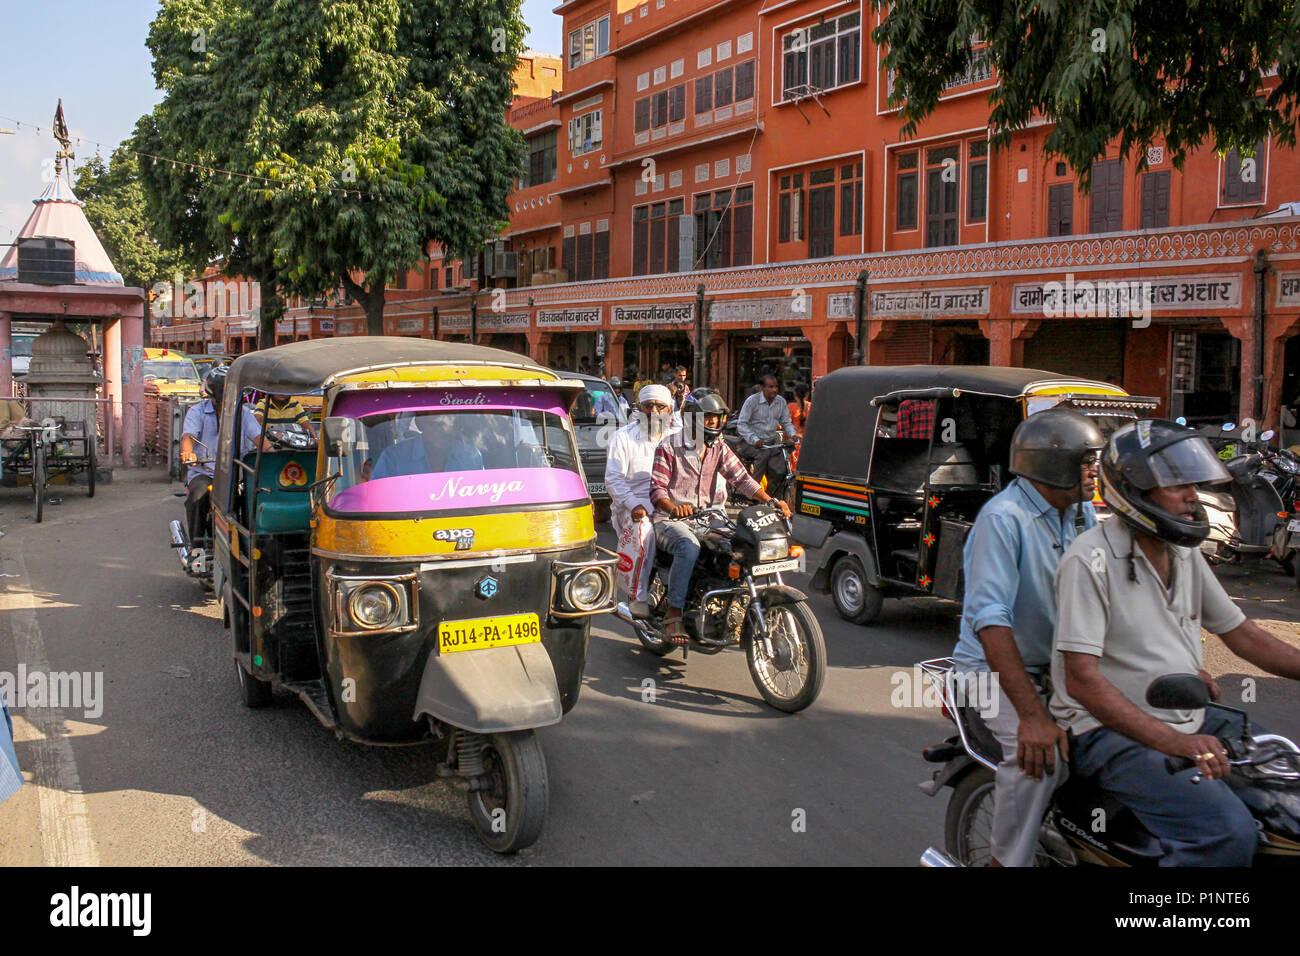 Traffic in Indian road, Jaipur, Rajasthan - Stock Image